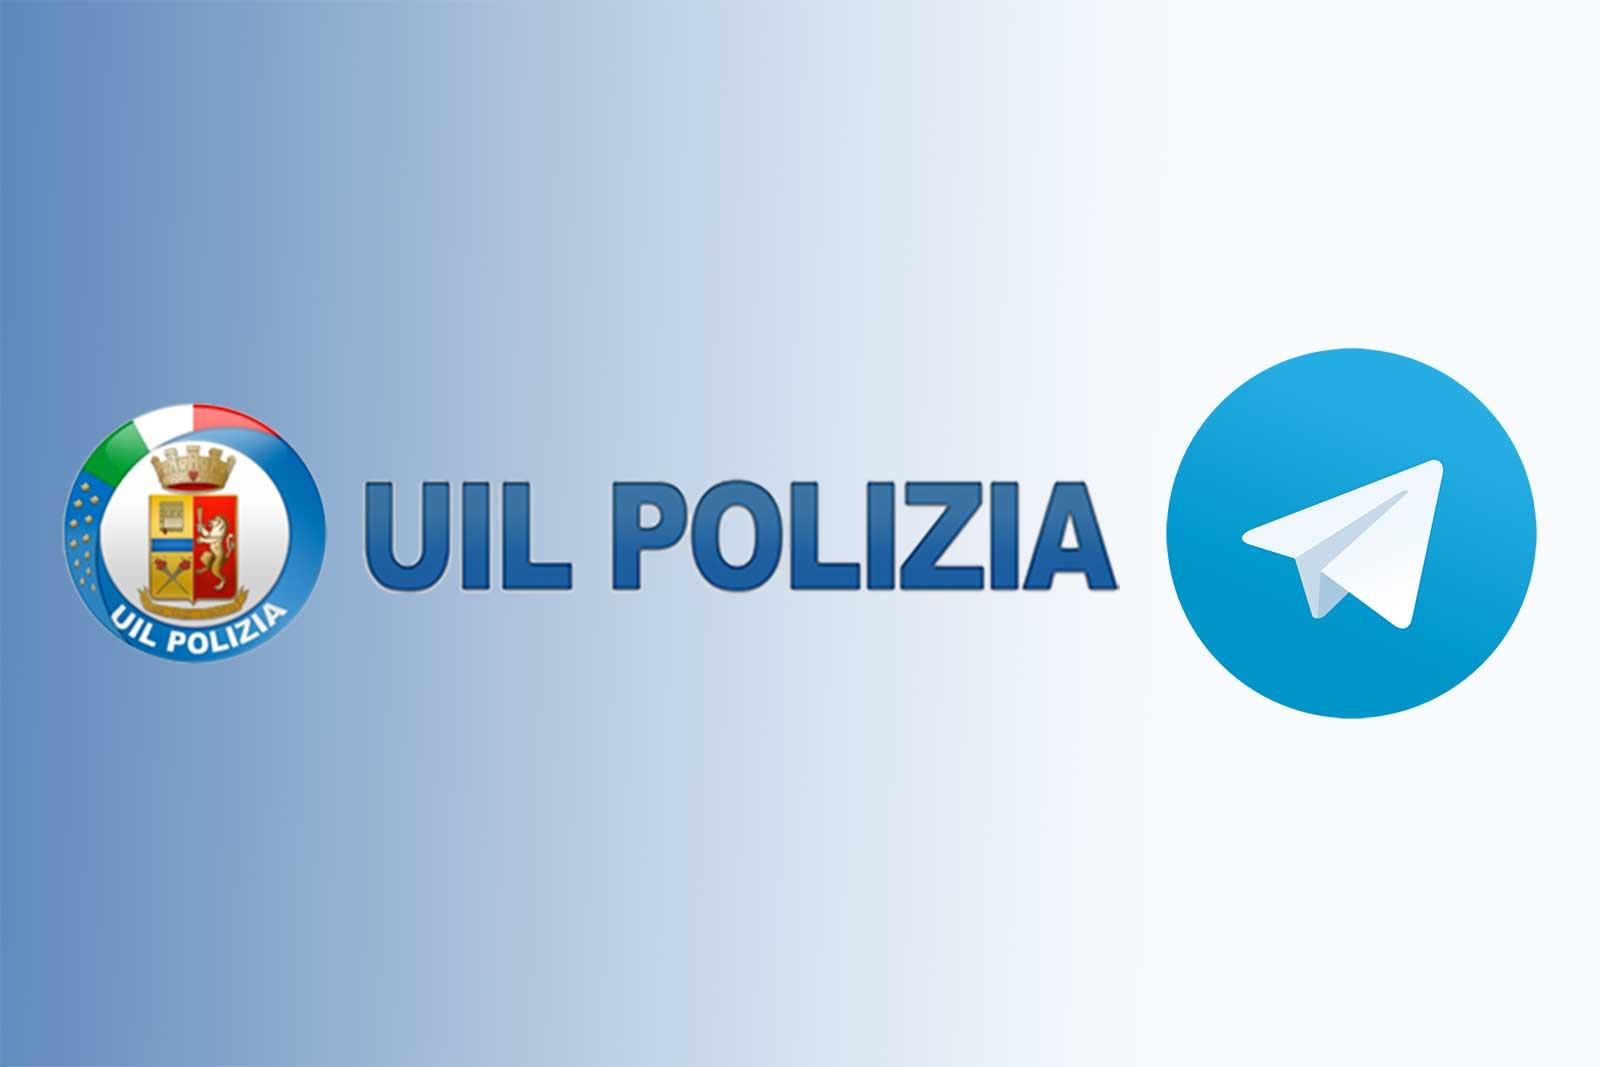 UIL Polizia canale telegram